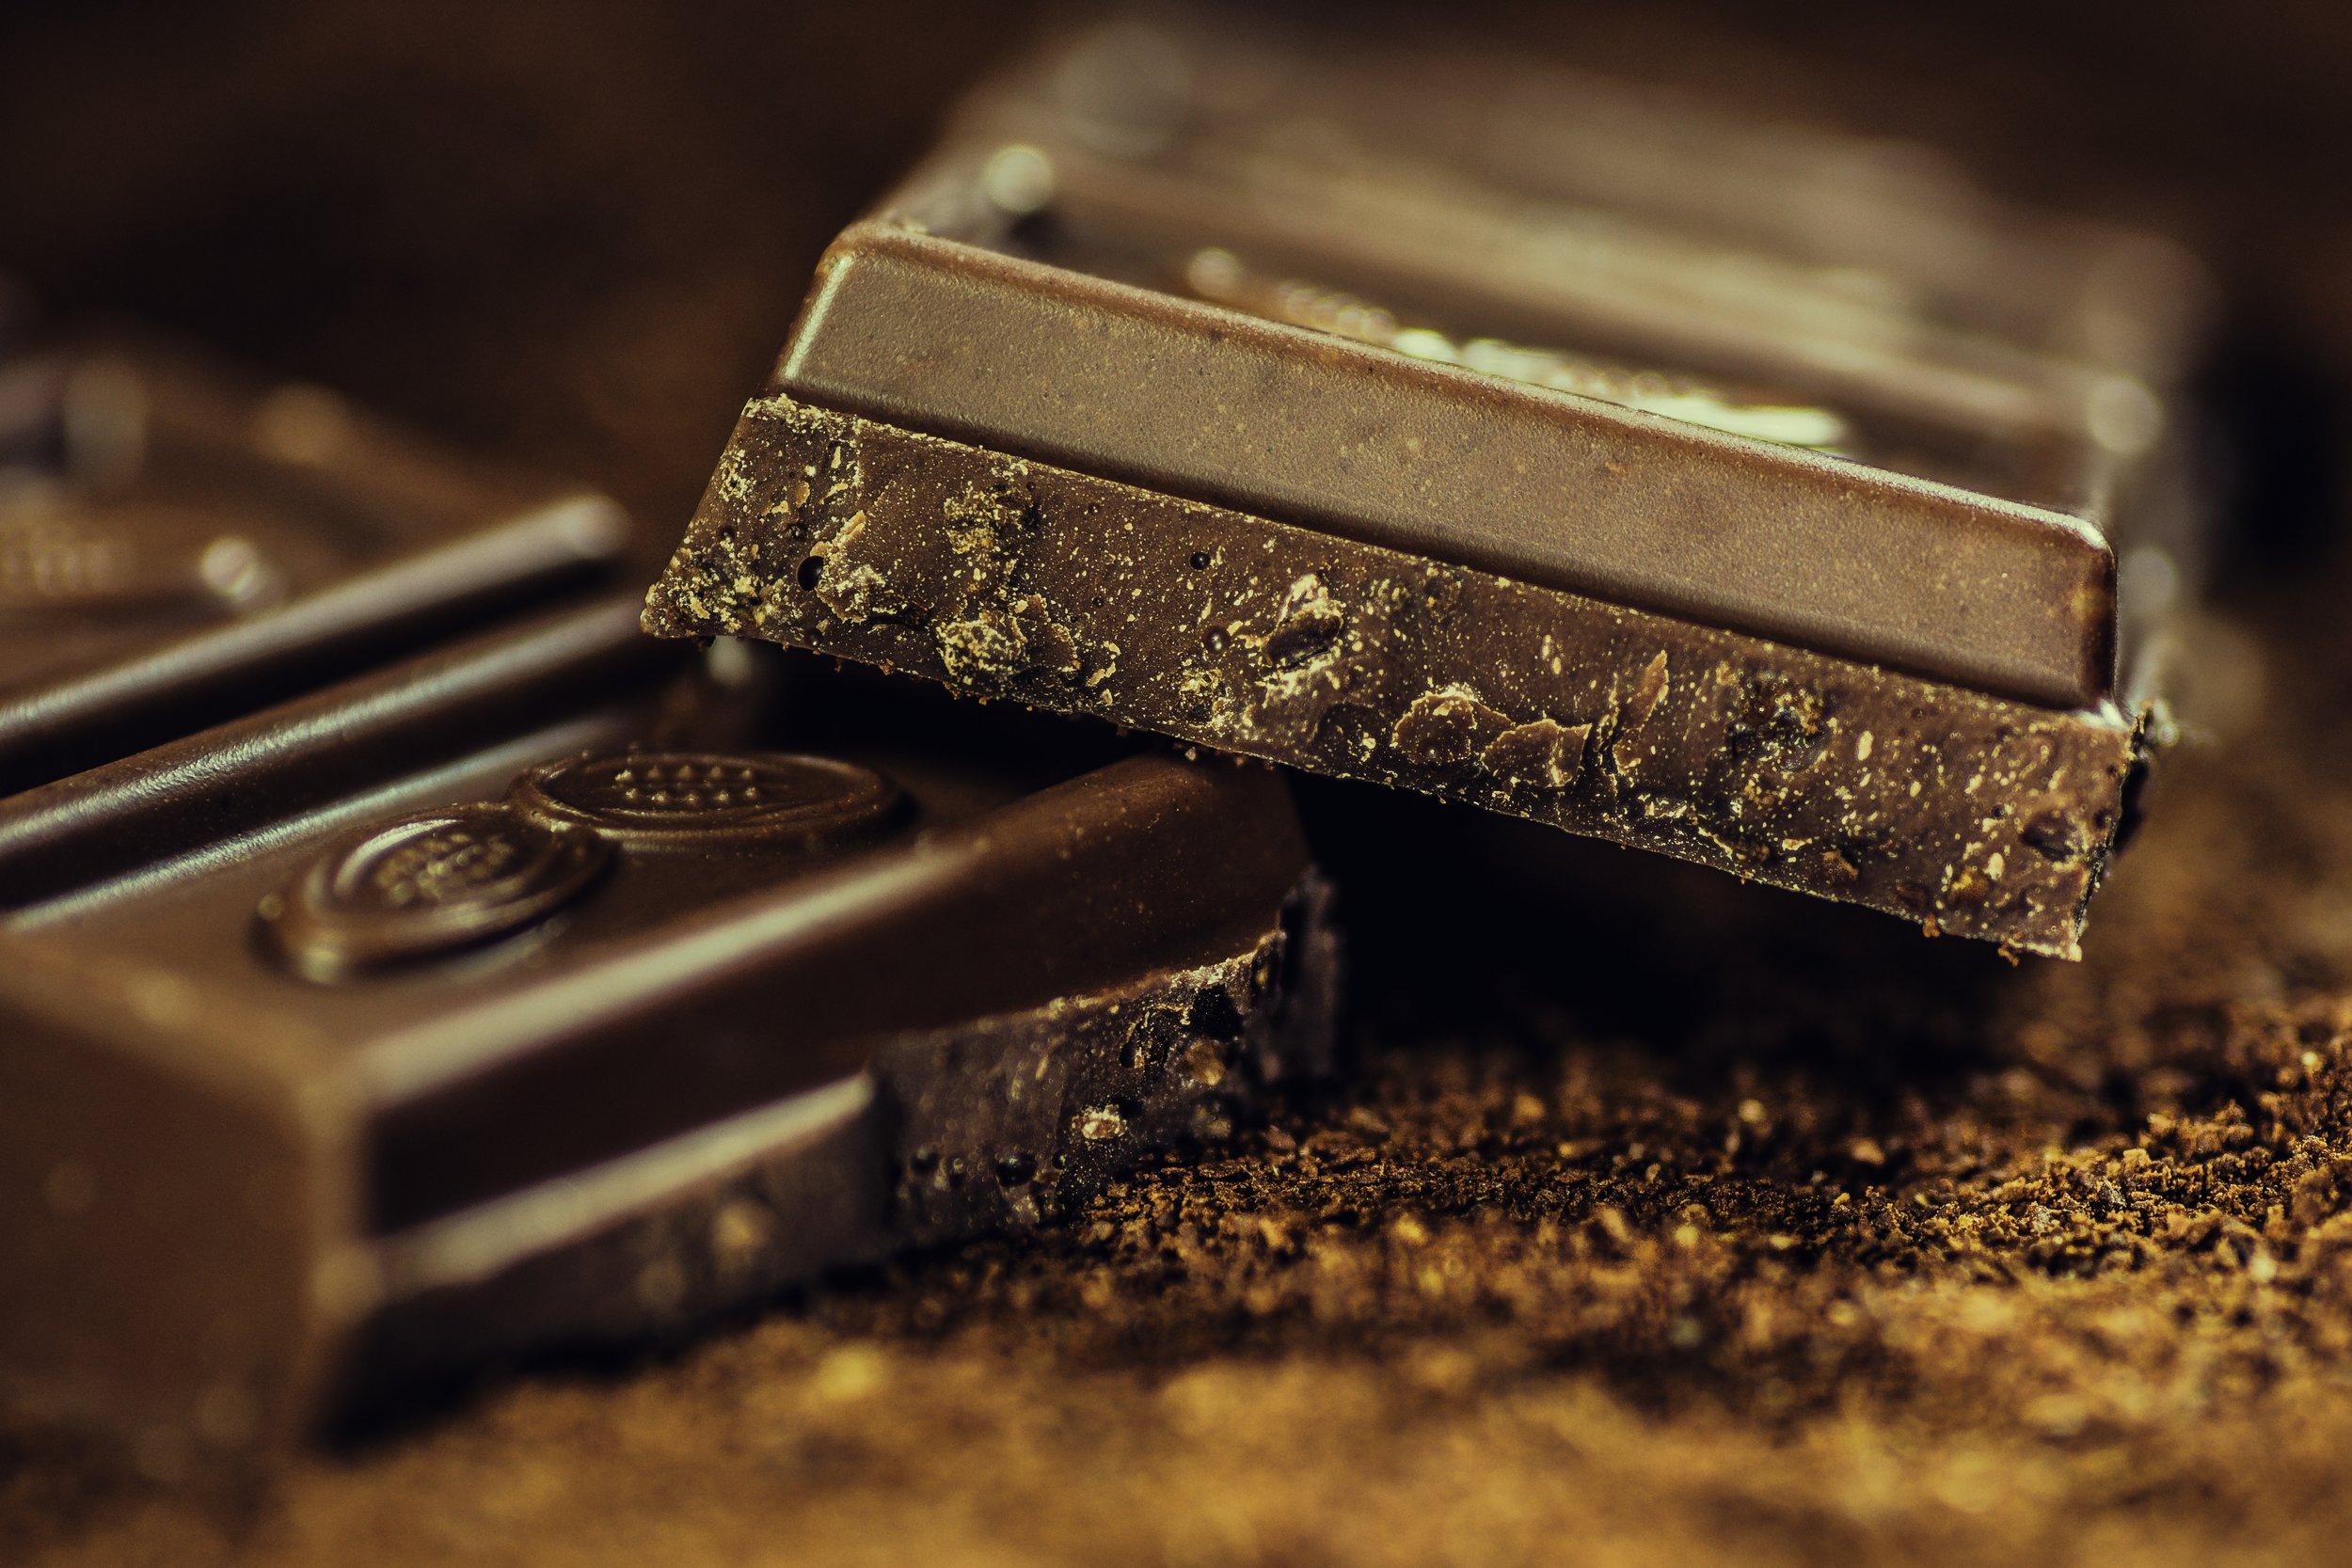 Suklaa on todella koukuttavaa rasvansa vuoksi. Suklaa on myös pieni stimulantti eikä siten sovi herkkahermostoisille. Anthony William myös sanoo, että raskaana olevien ei missään nimessä pitäisi syödä suklaata!